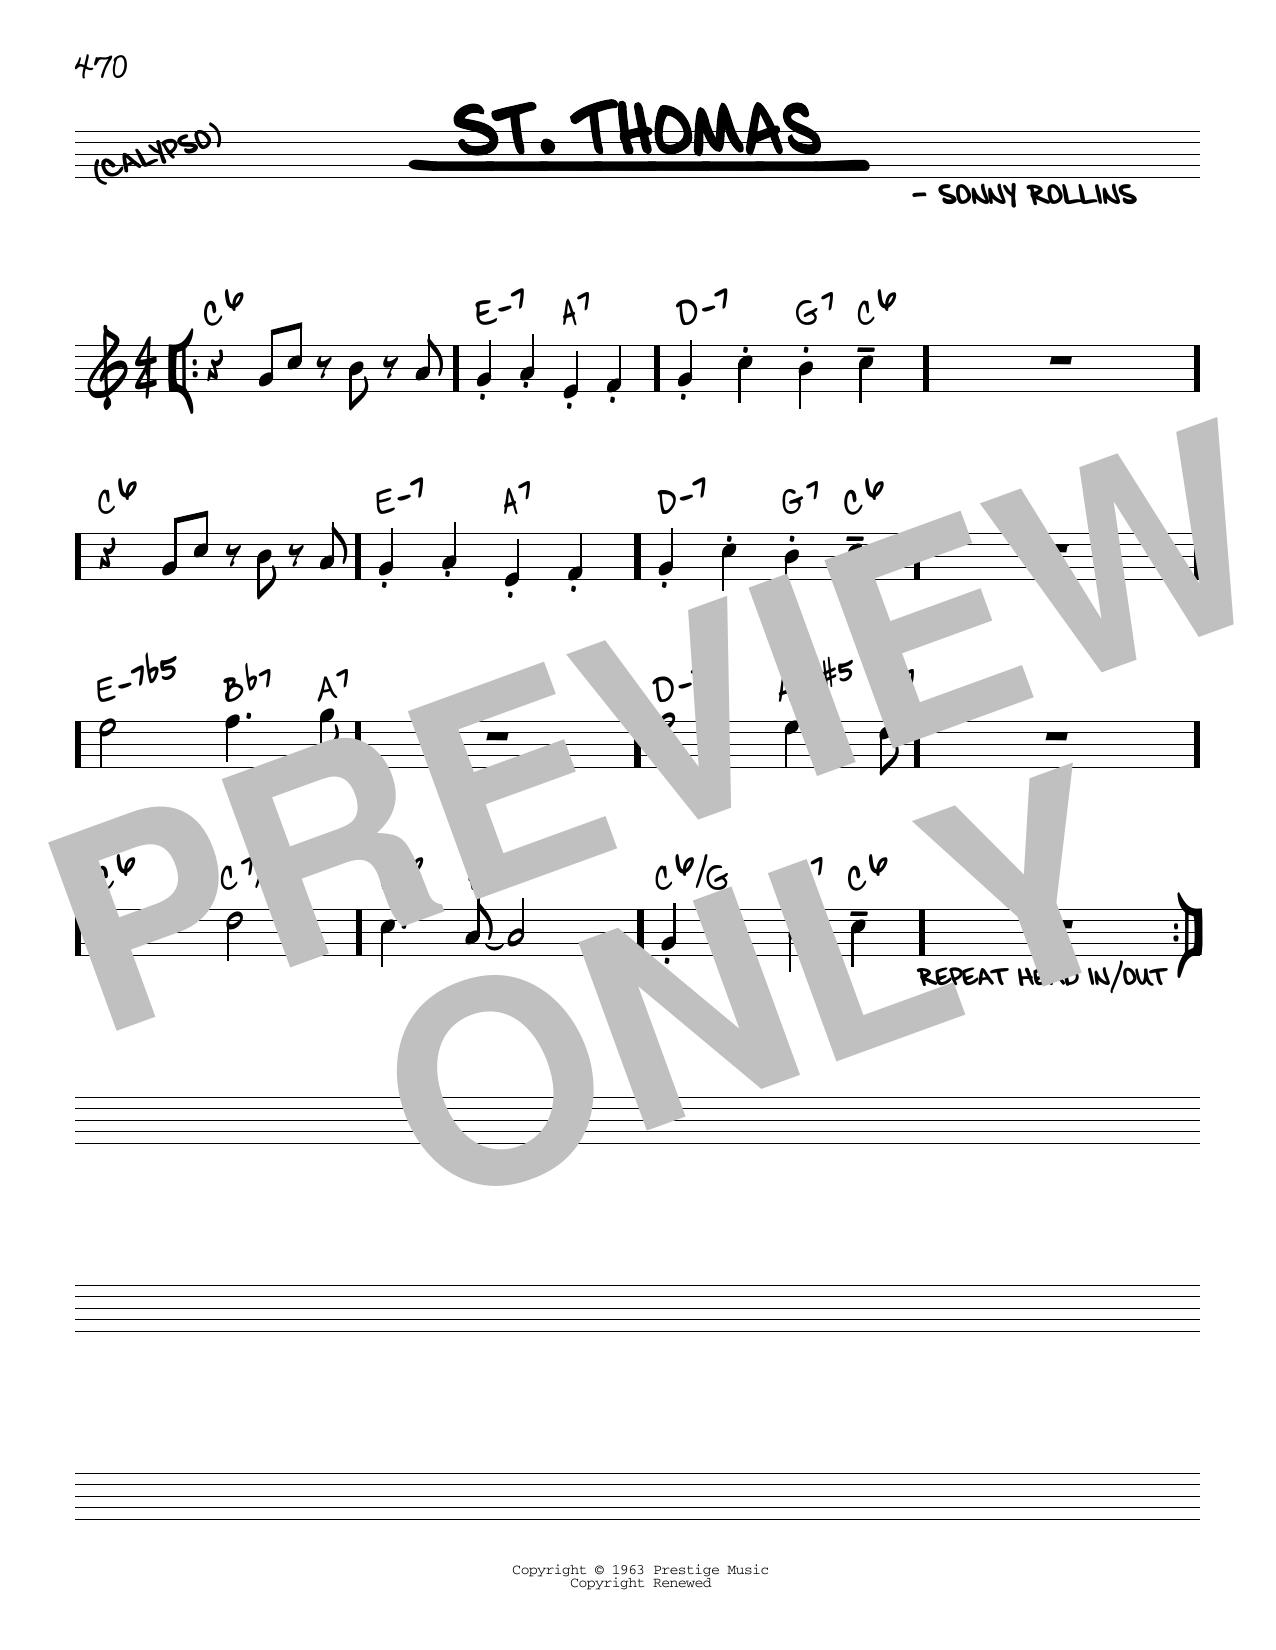 Partition autre St. Thomas de Sonny Rollins - Real Book, Melodie et Accords, Inst. En Do